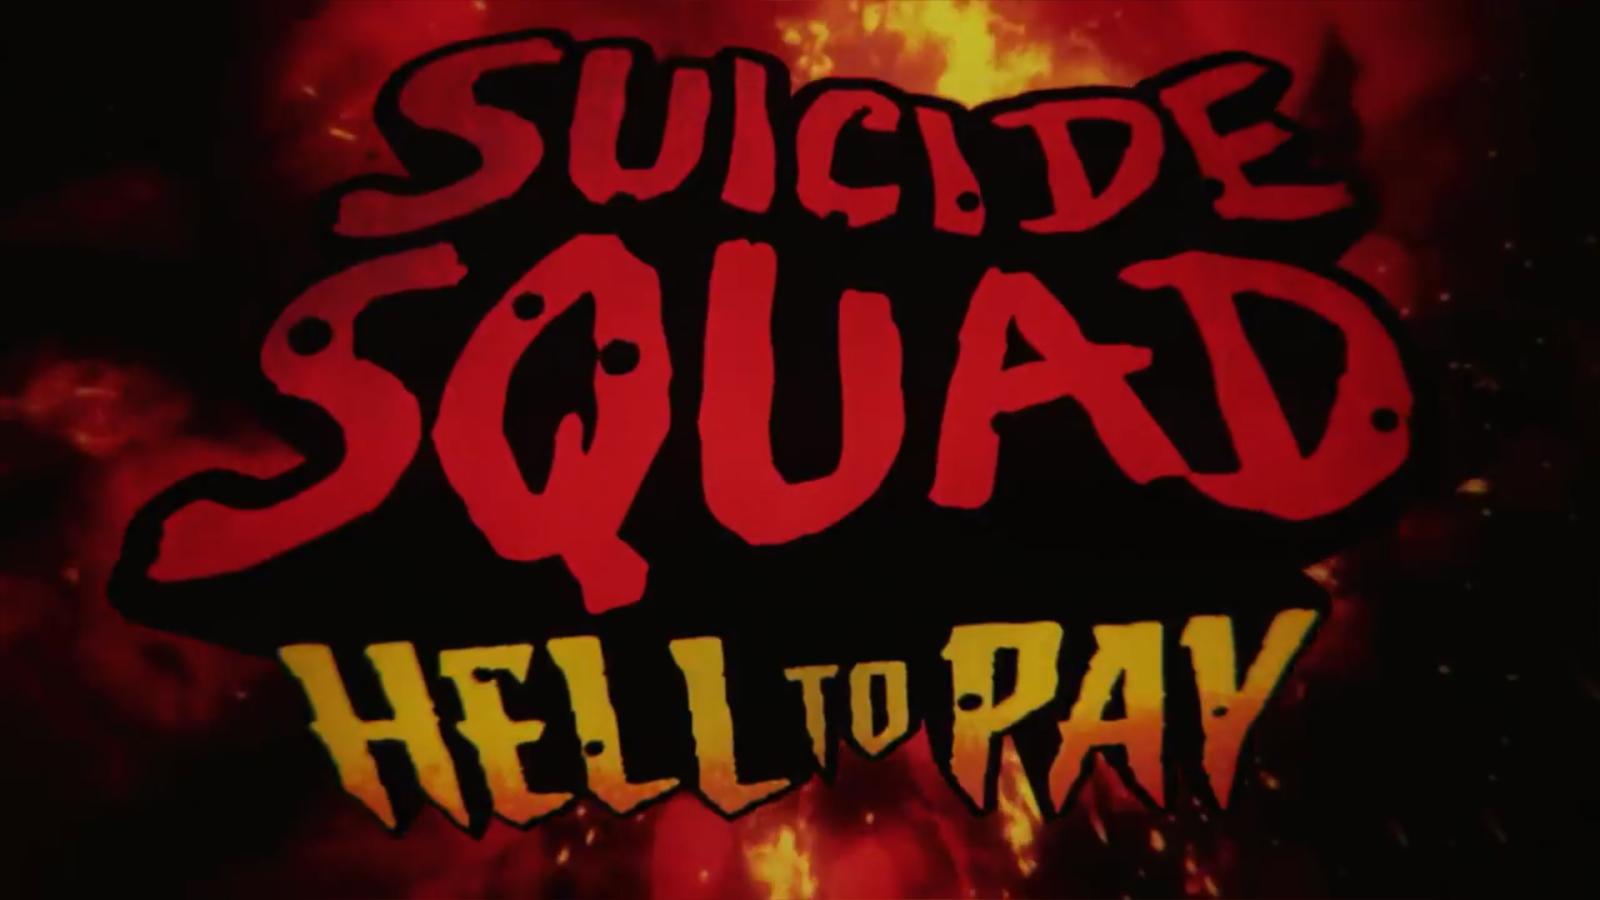 动画电影《Suicide Squad: Hell To Pay》公布预告